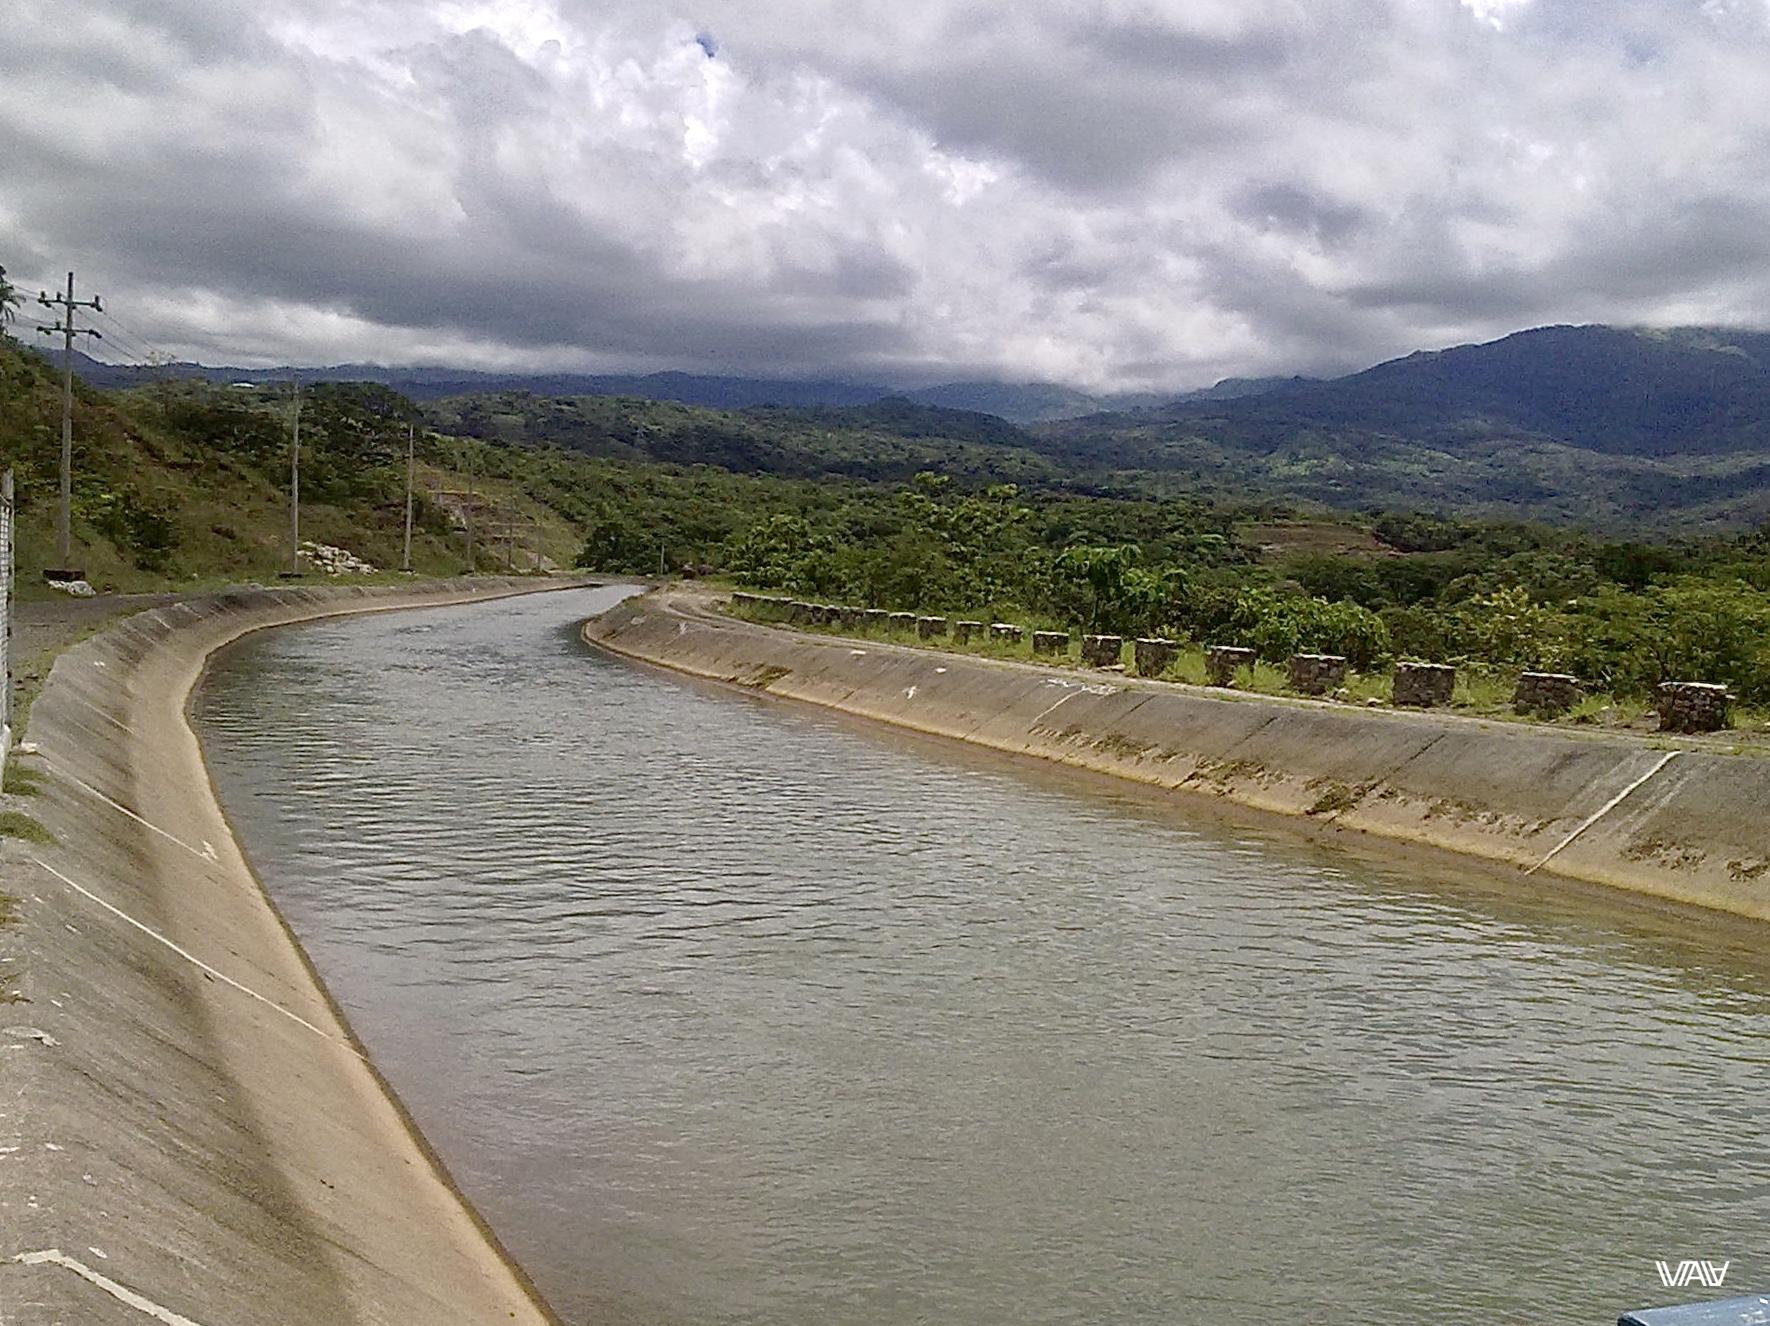 Закованная в бетон панамская речка. Интересный пейзаж получается. Кальдера Хот Спрингс, Панама